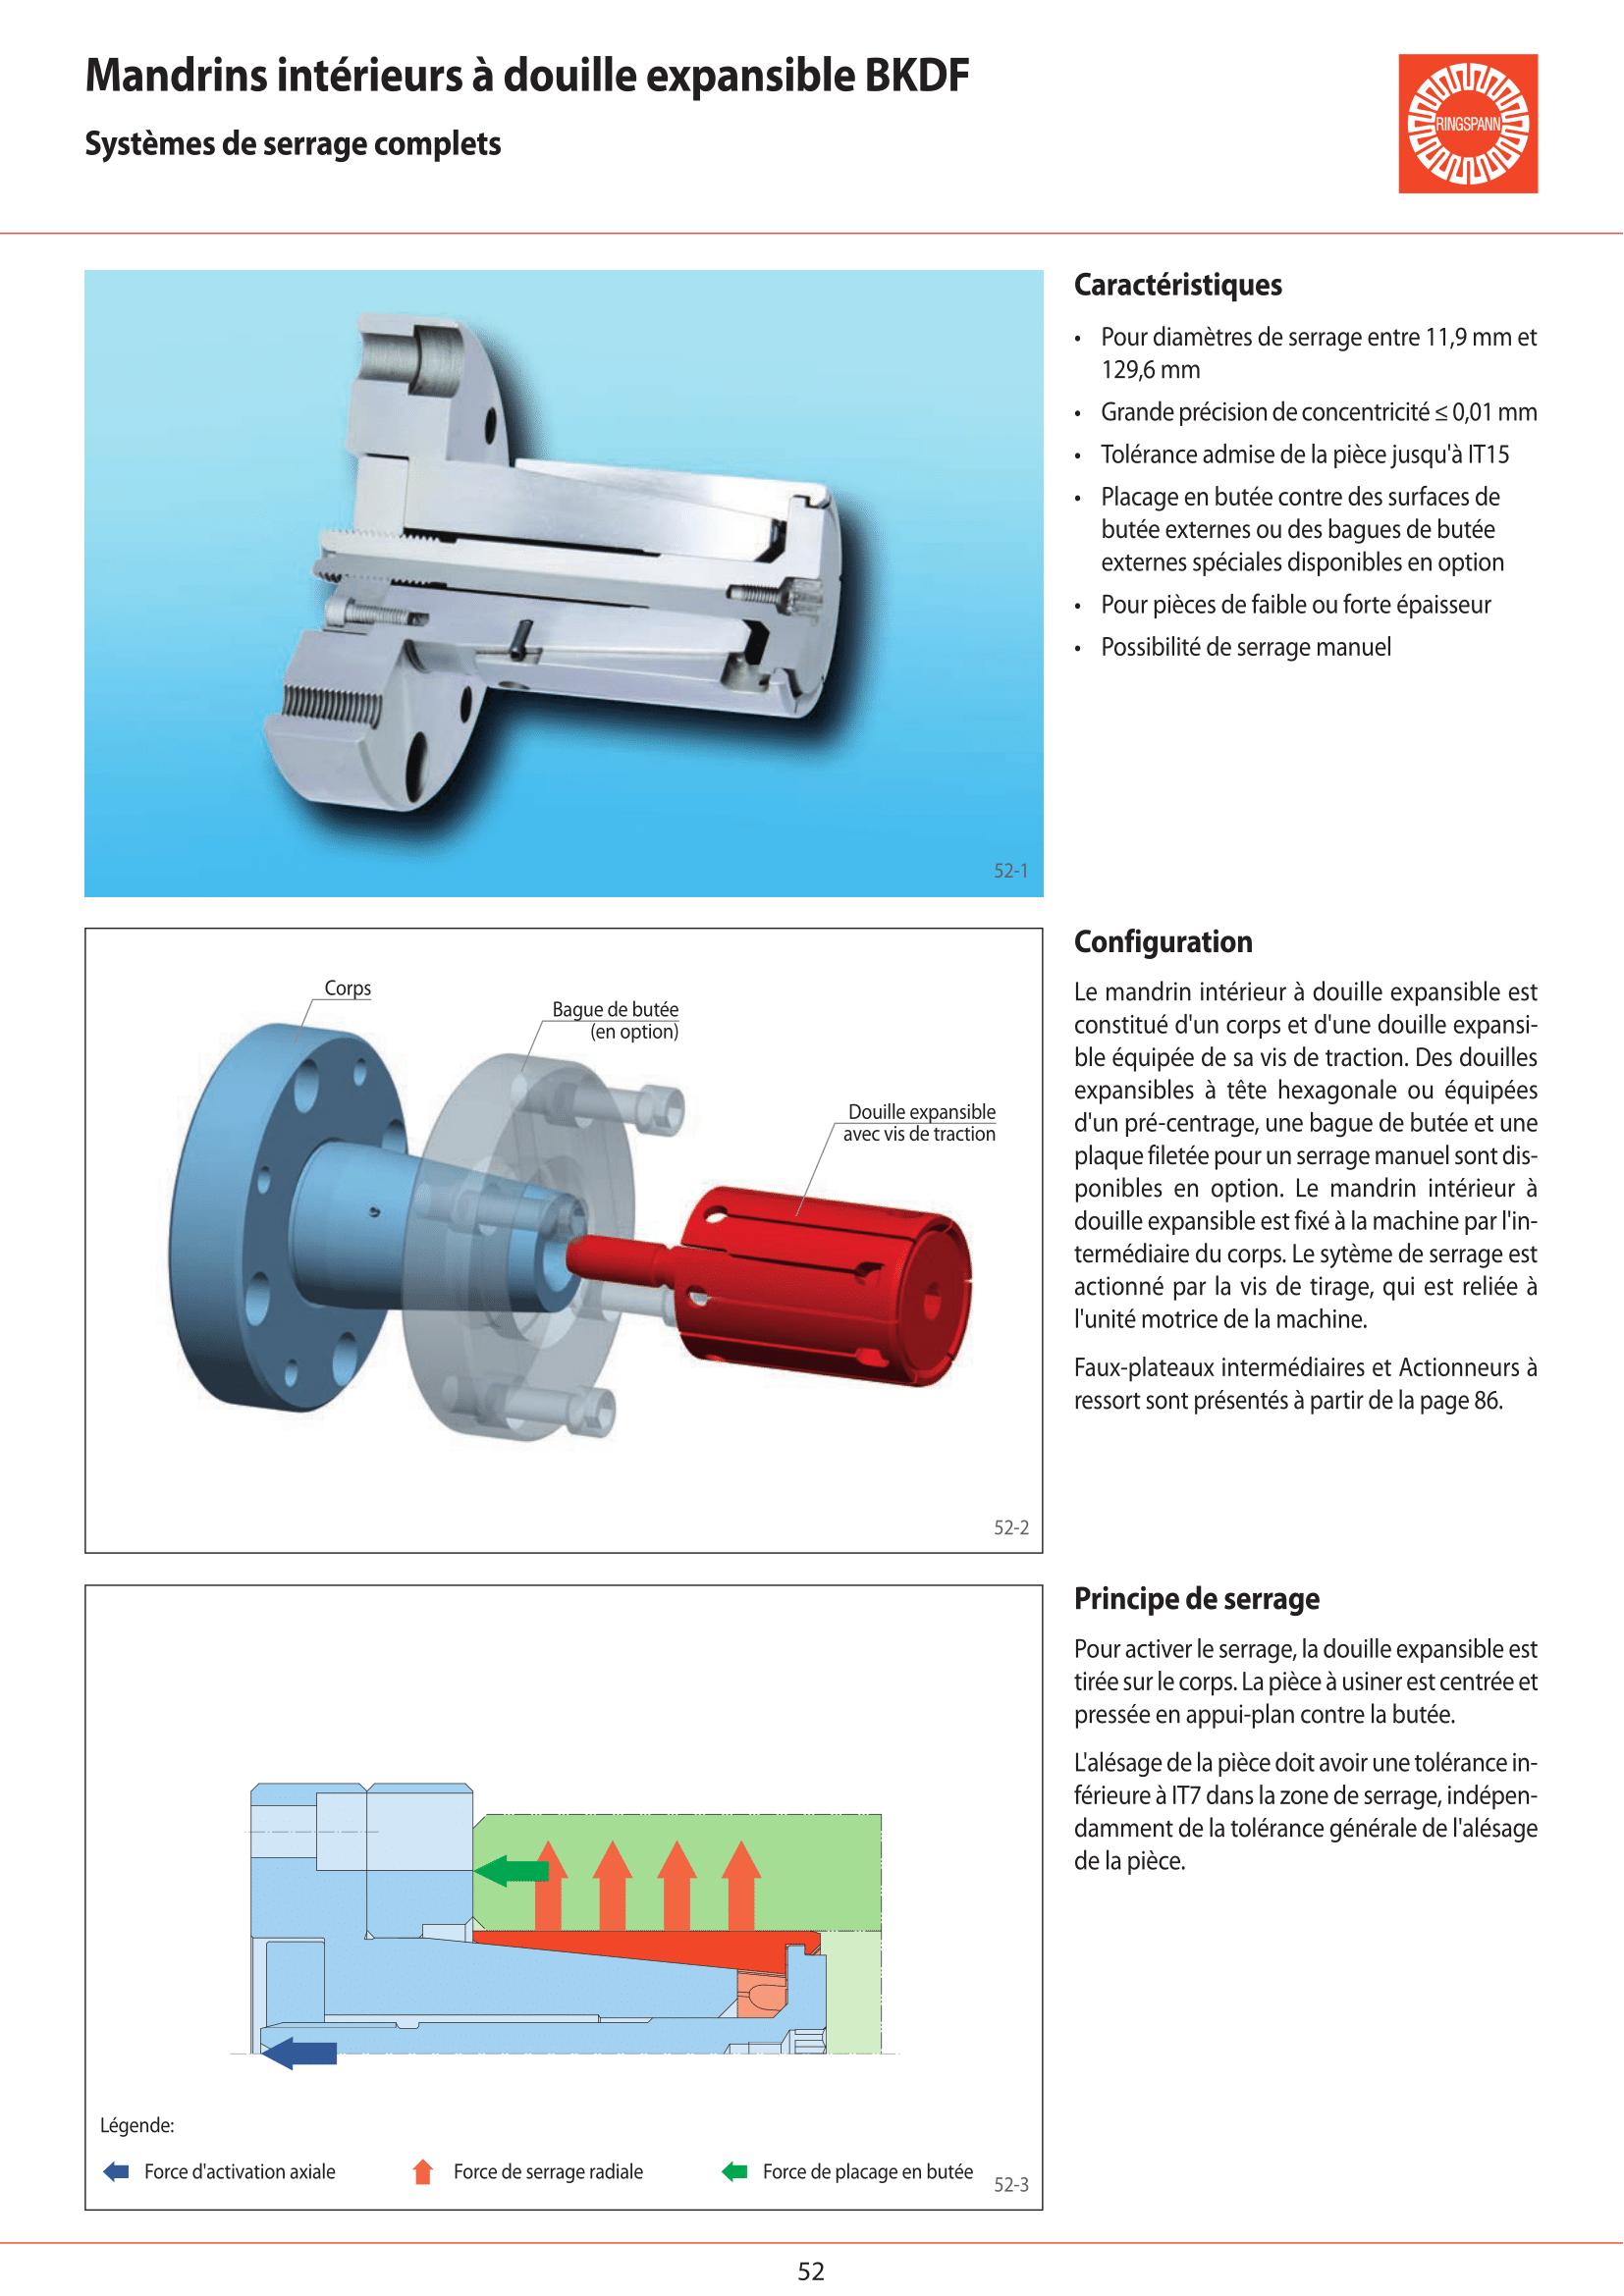 Fiche technique - BKDF page 1